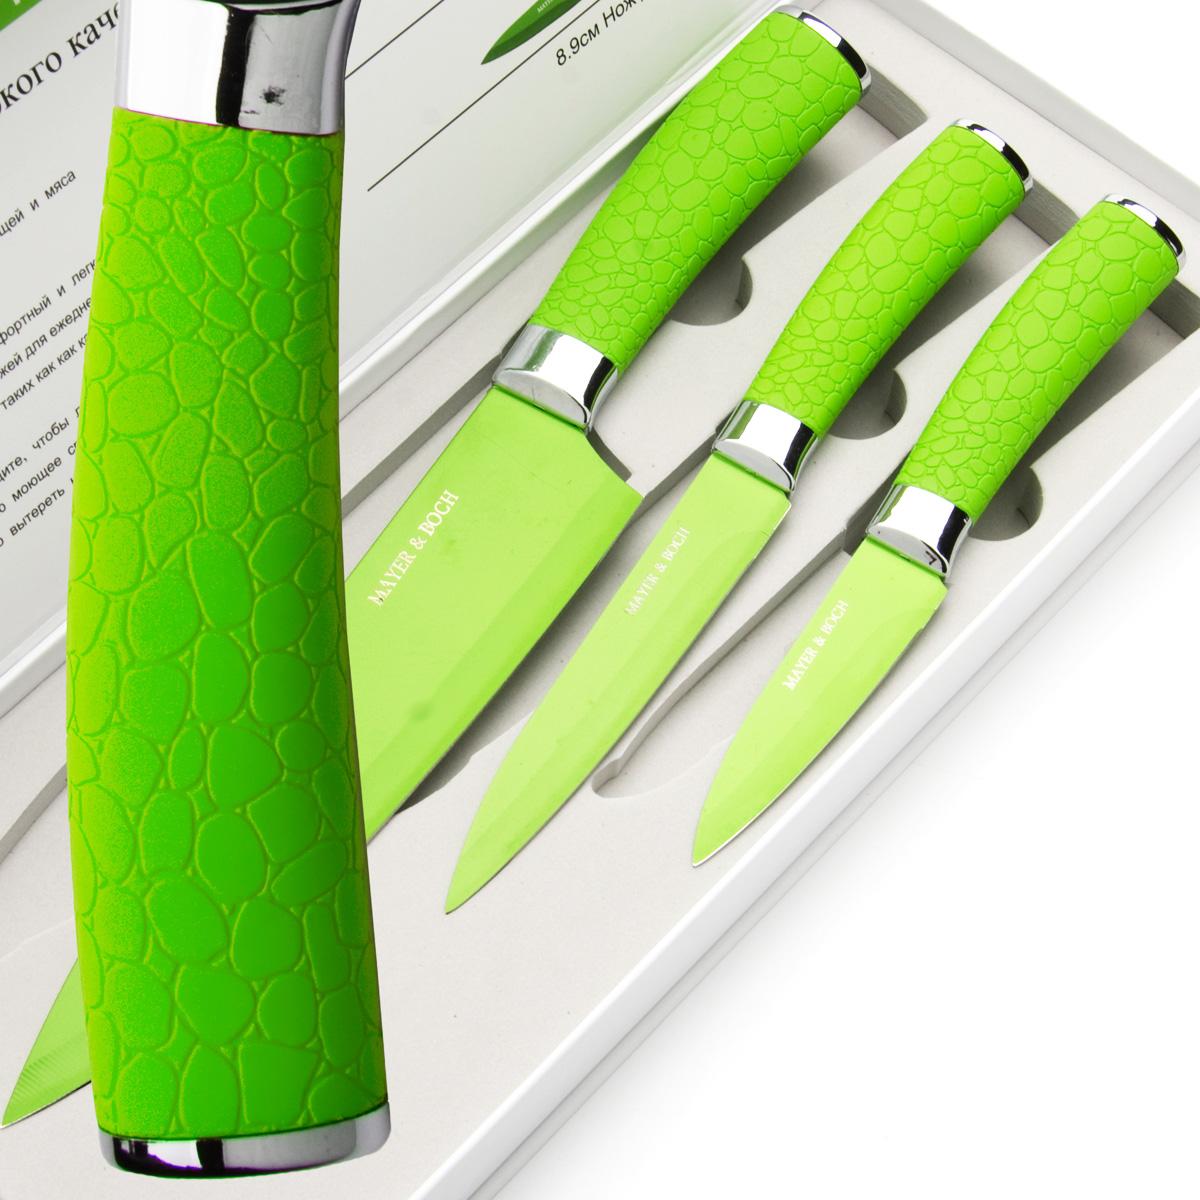 Набор ножей Mayer & Boch, цвет: зеленый, 3 шт. 24145 набор ножей mayer